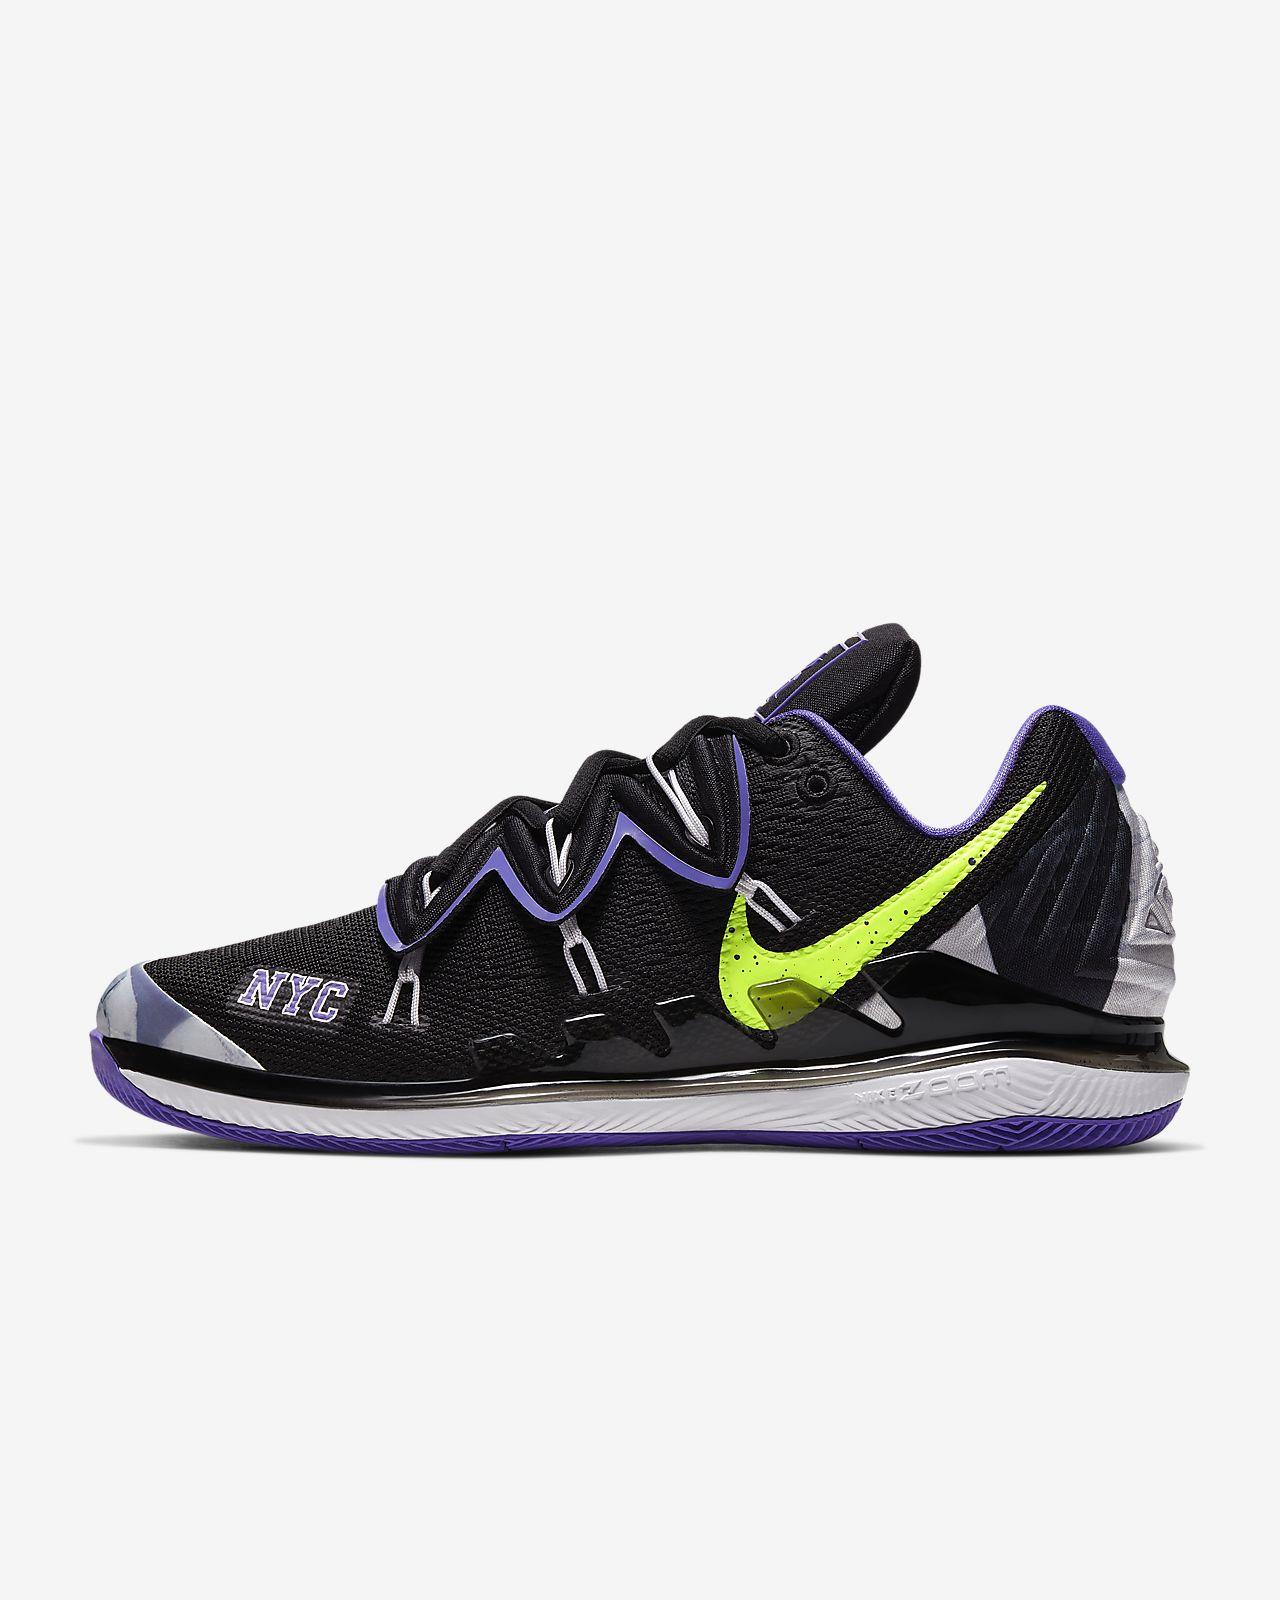 Chaussure de tennis pour surface dure NikeCourt Air Zoom Vapor X Kyrie 5 pour Homme